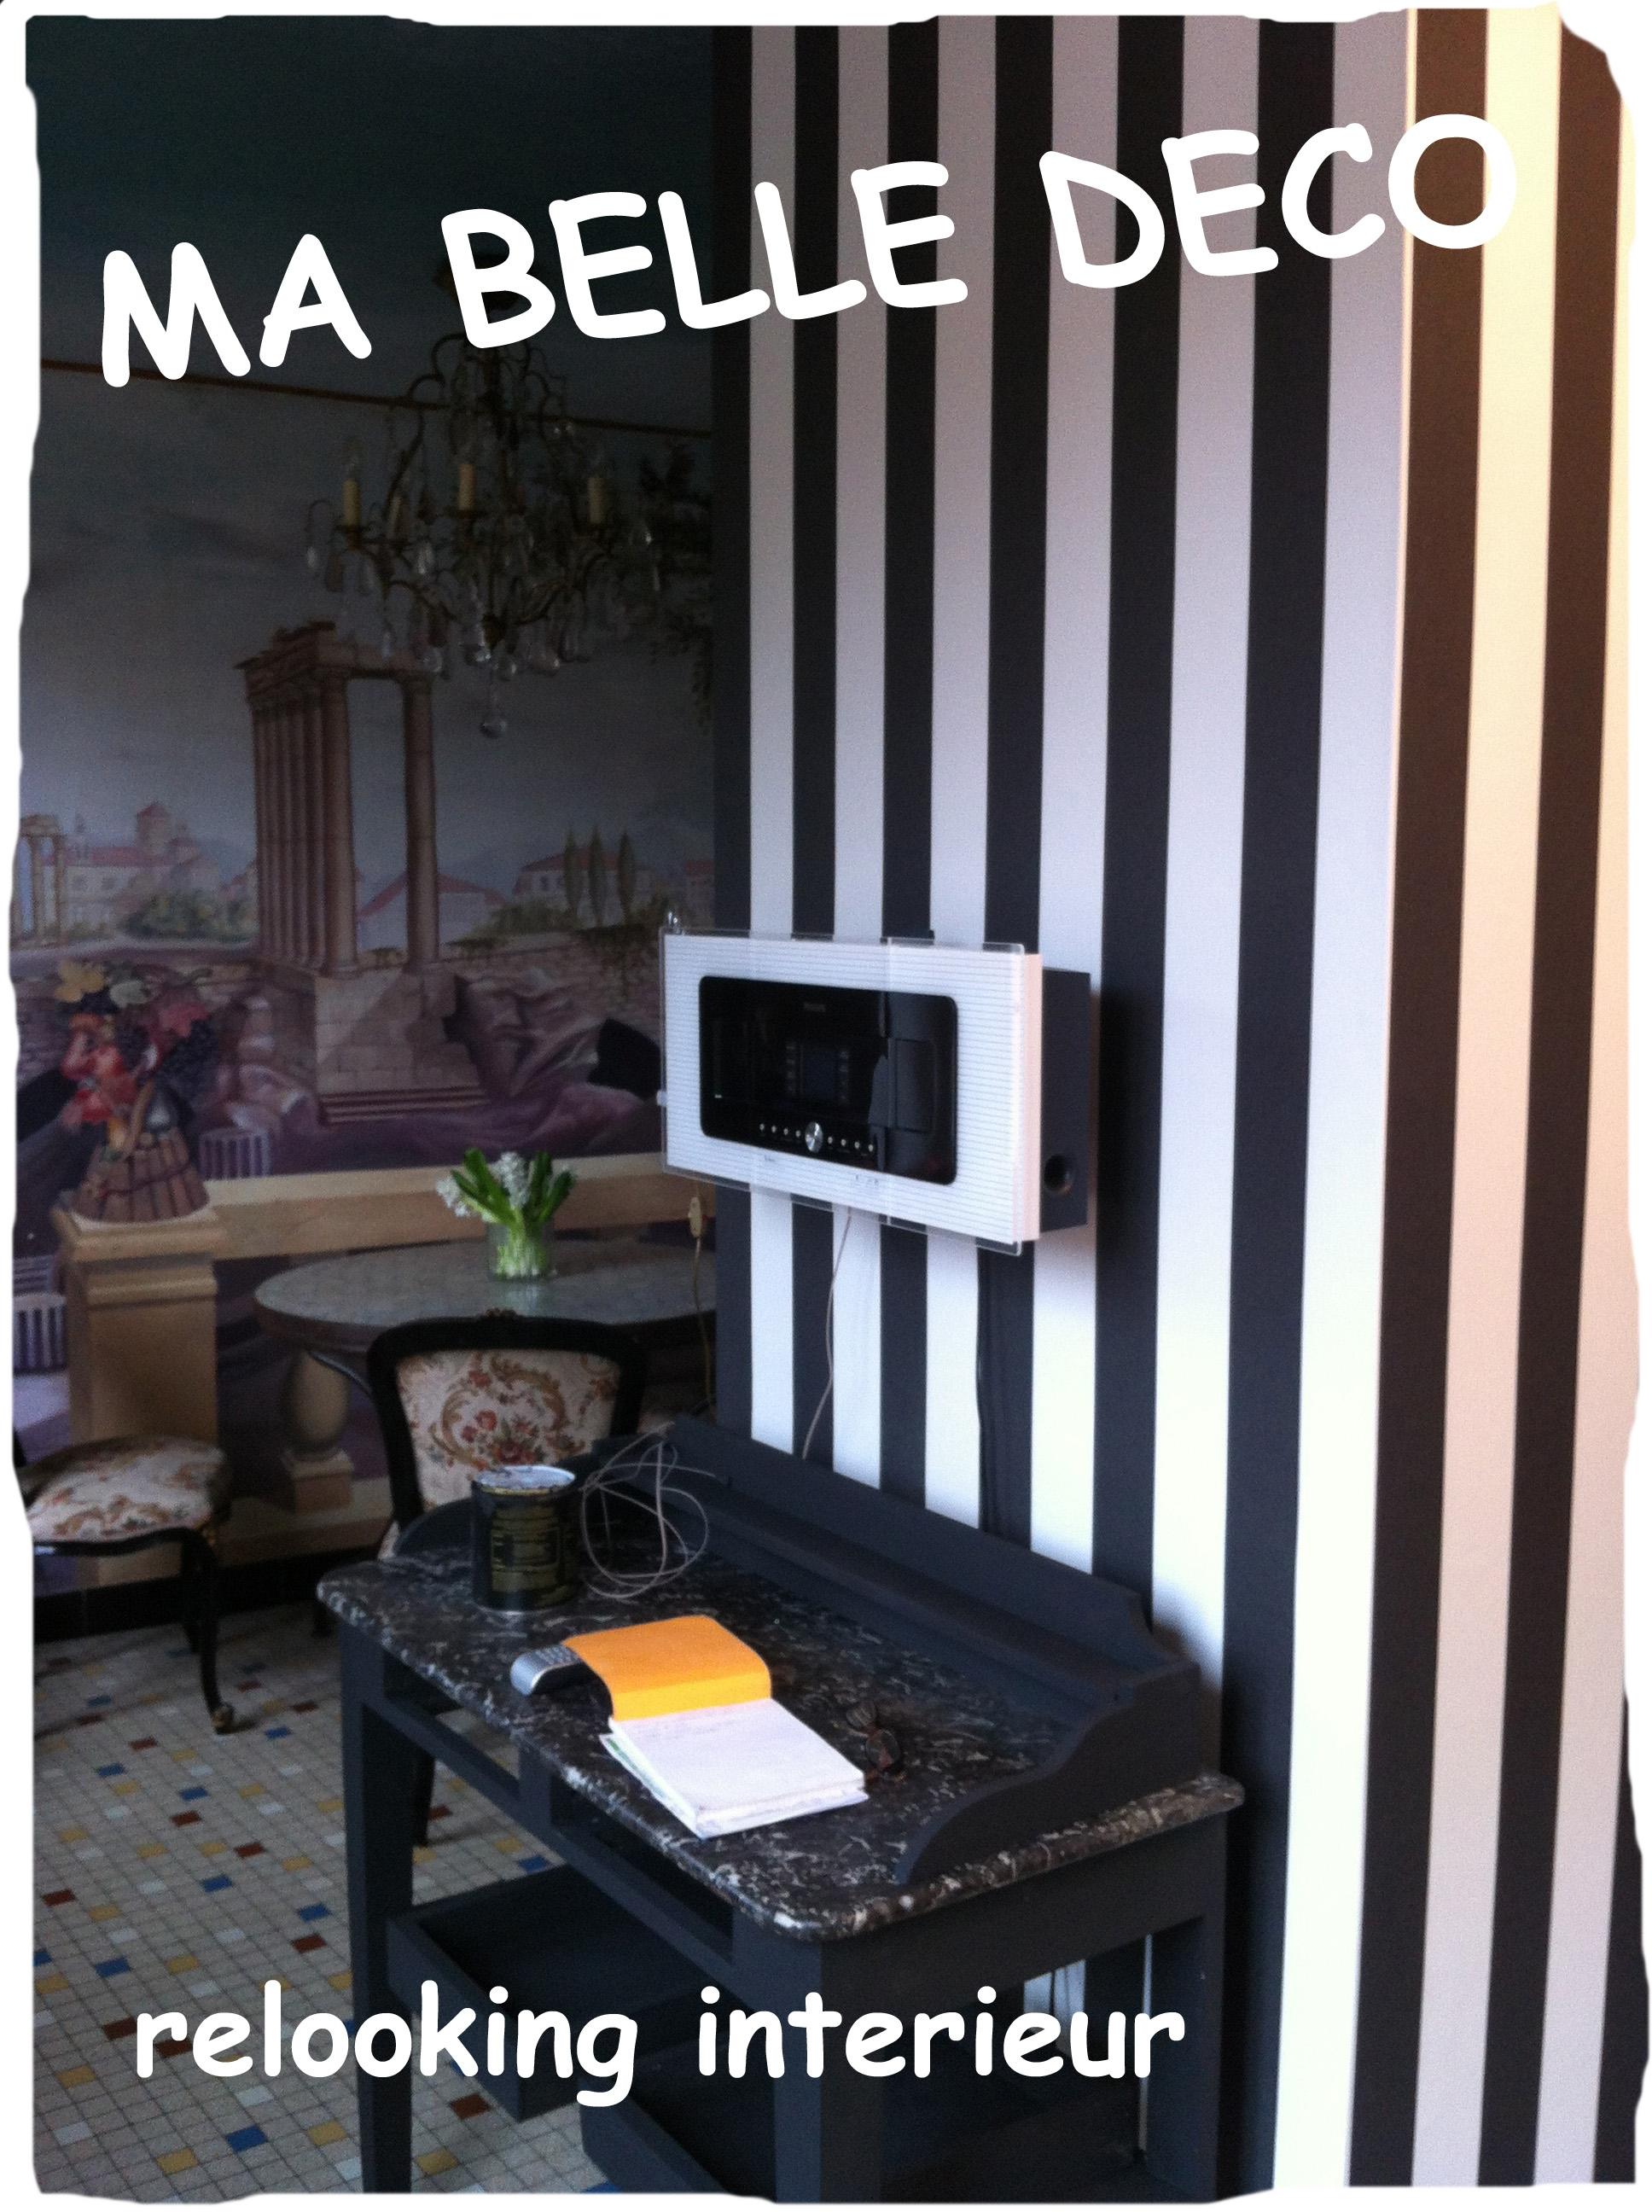 Travaux papier peint tapisserie lambris for Relooking interieur